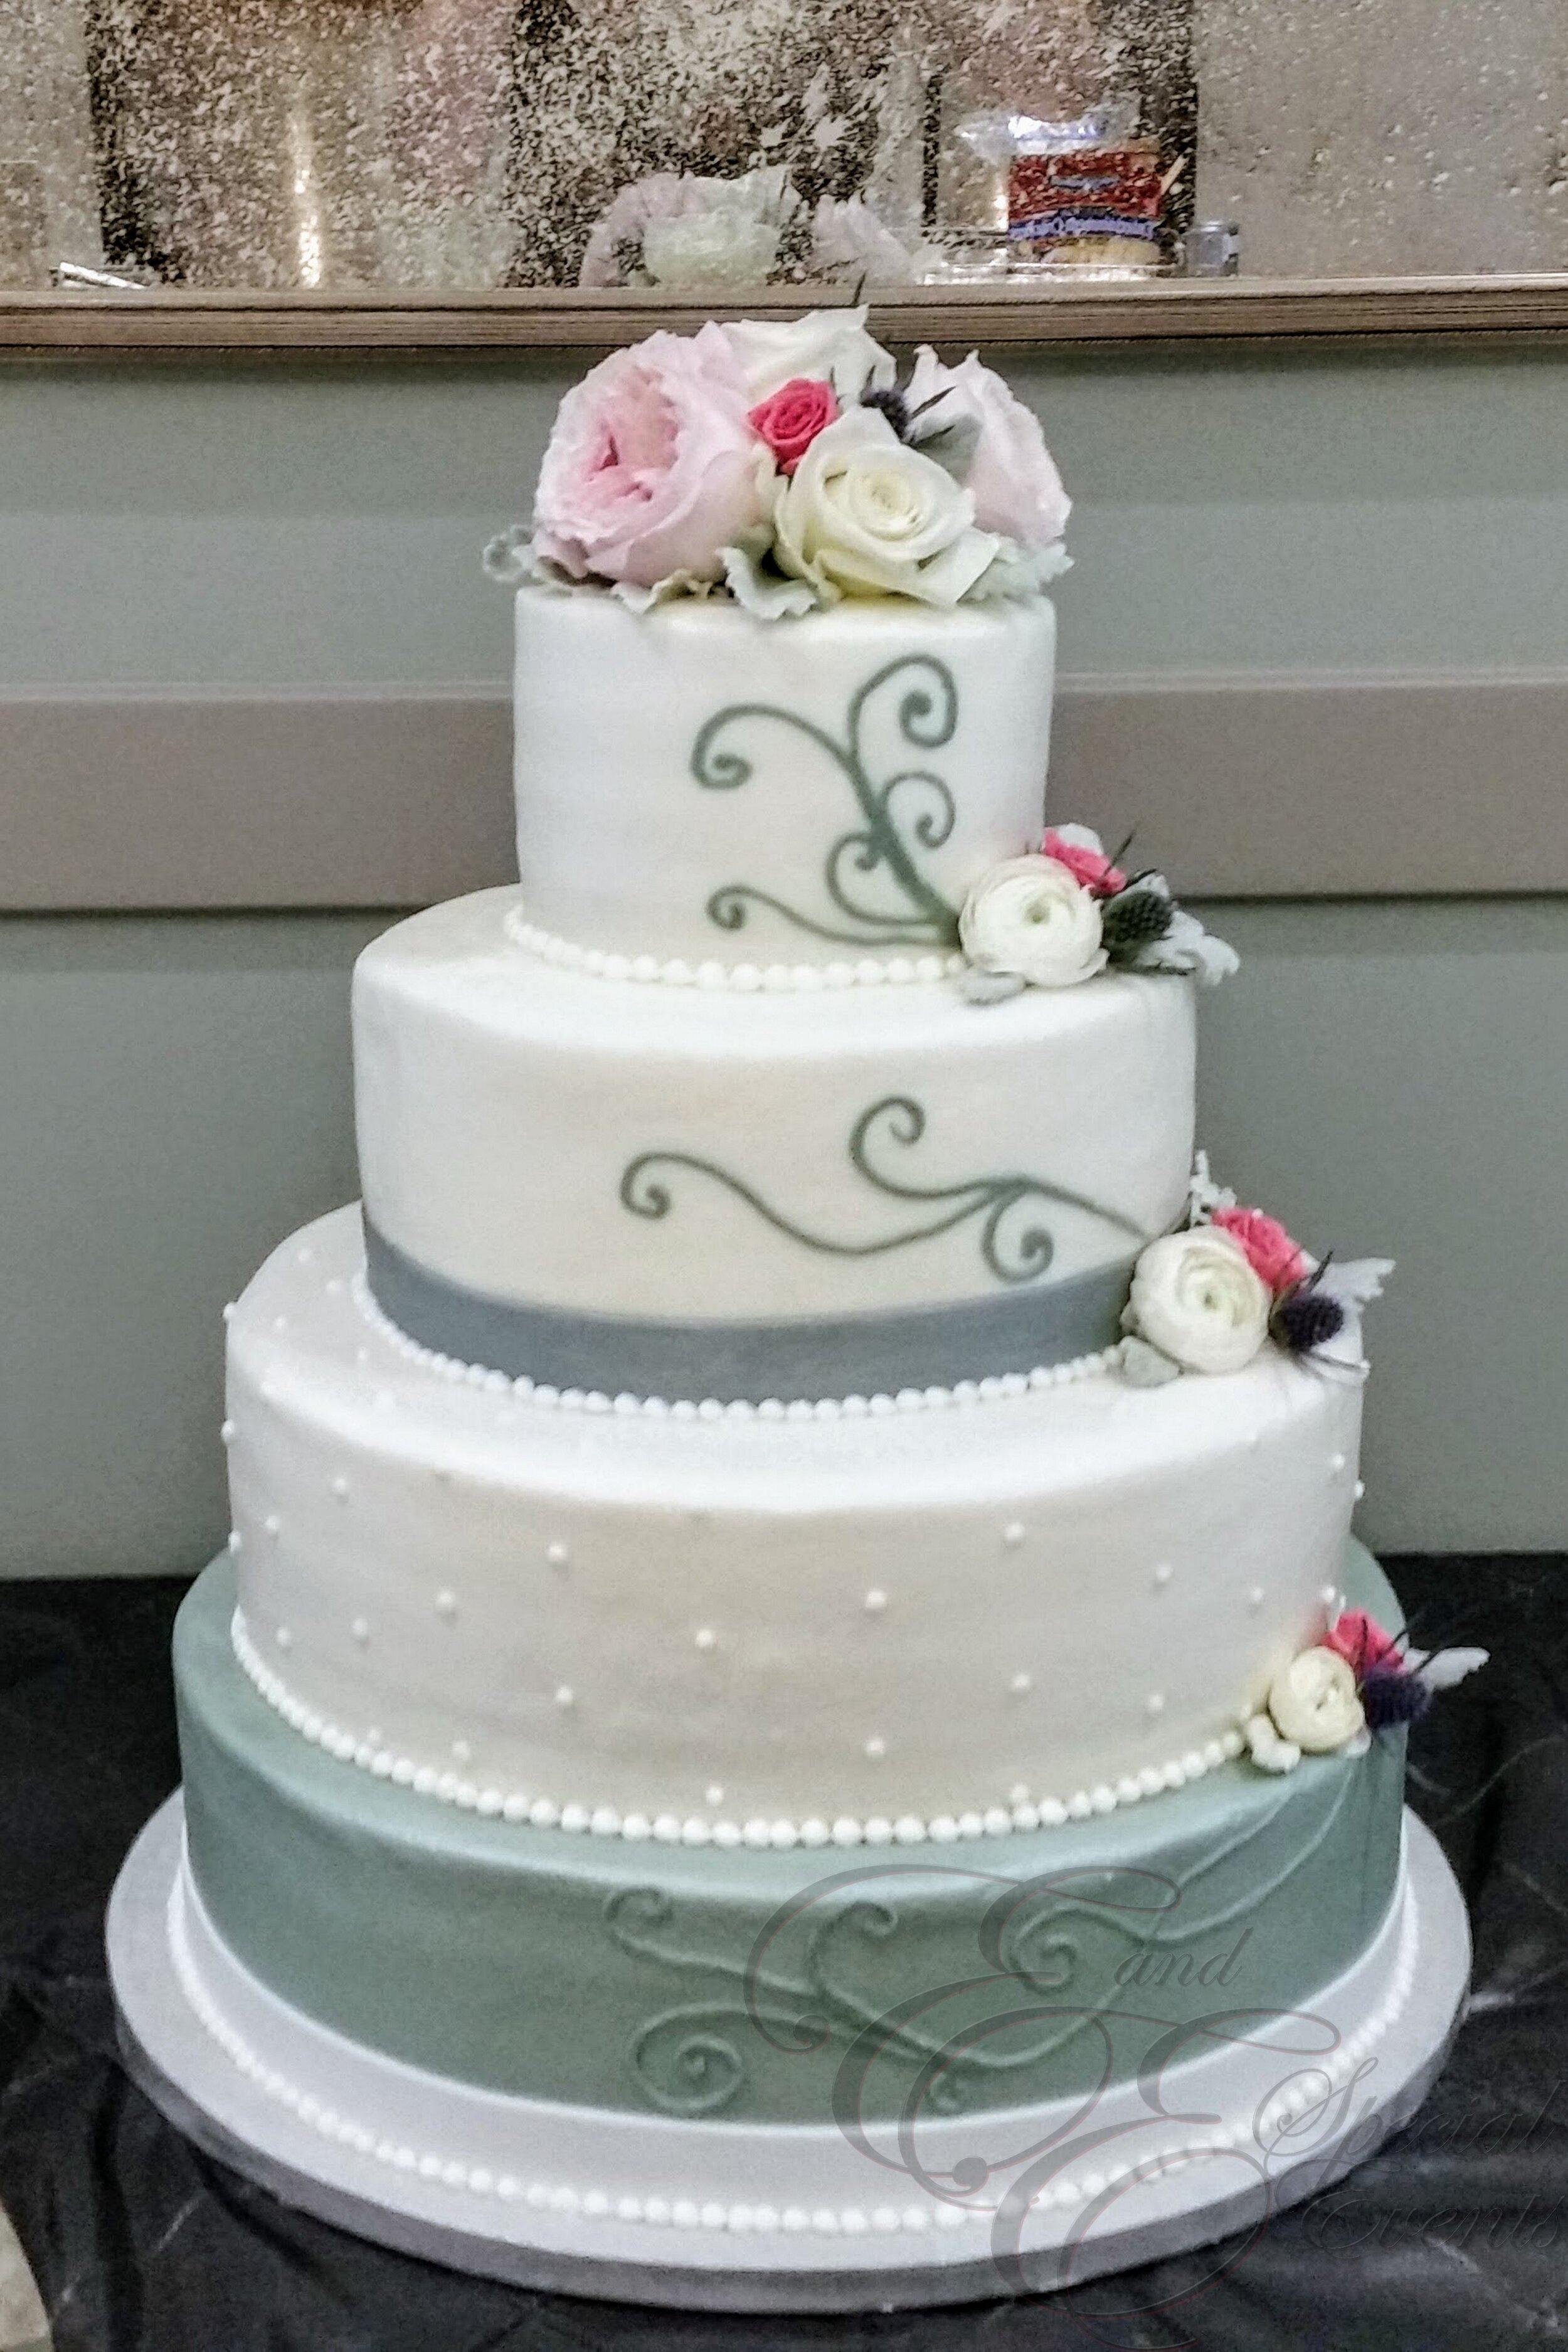 wedding_cakes_E_and_E_Special_Events_virginia_beach_47.jpg